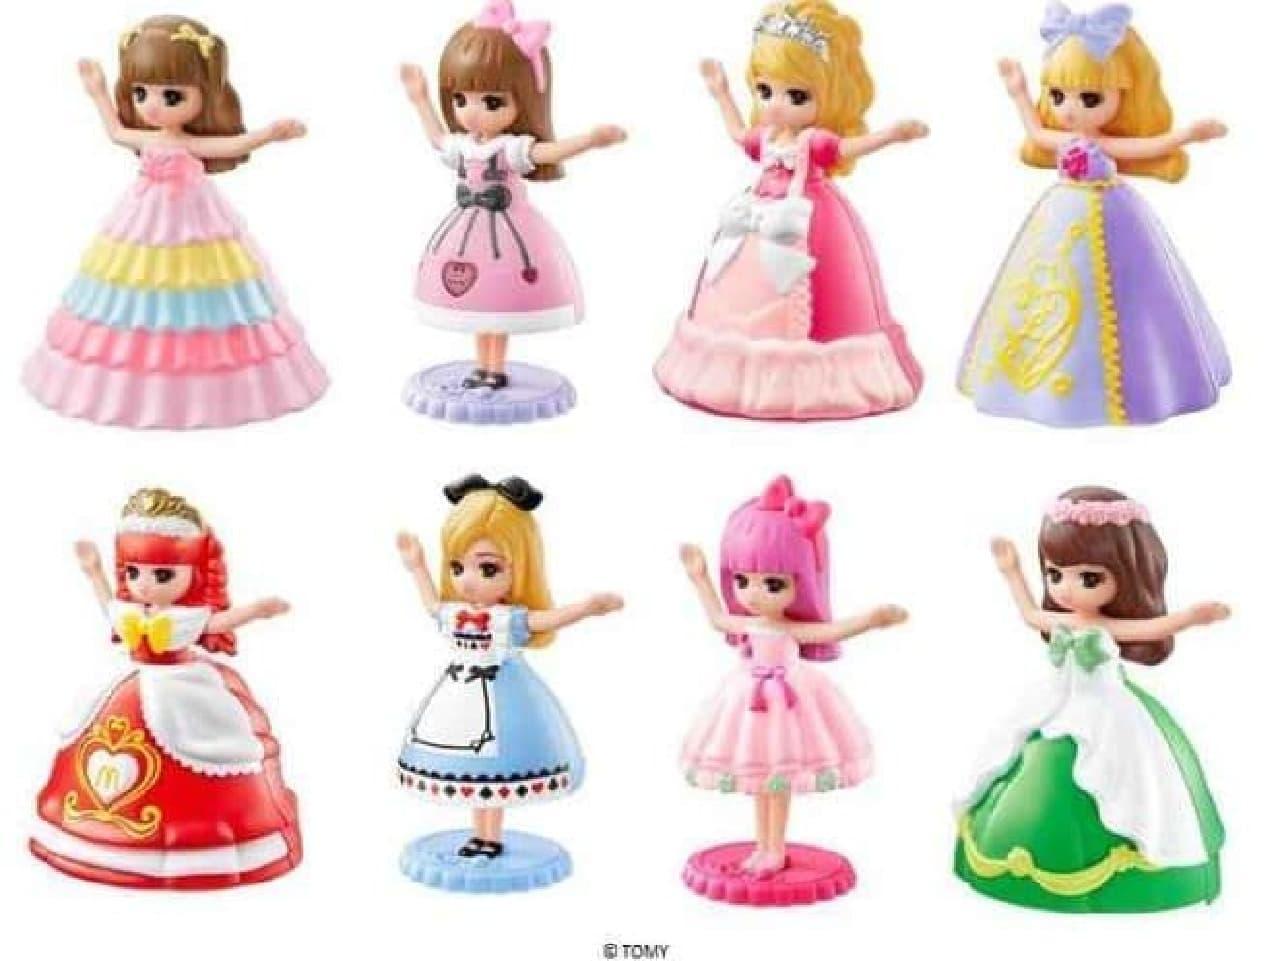 リカちゃんは、「カラフルプリンセス リカちゃん」や、「マクドナルドプリンセス リカちゃん」など全8種が登場